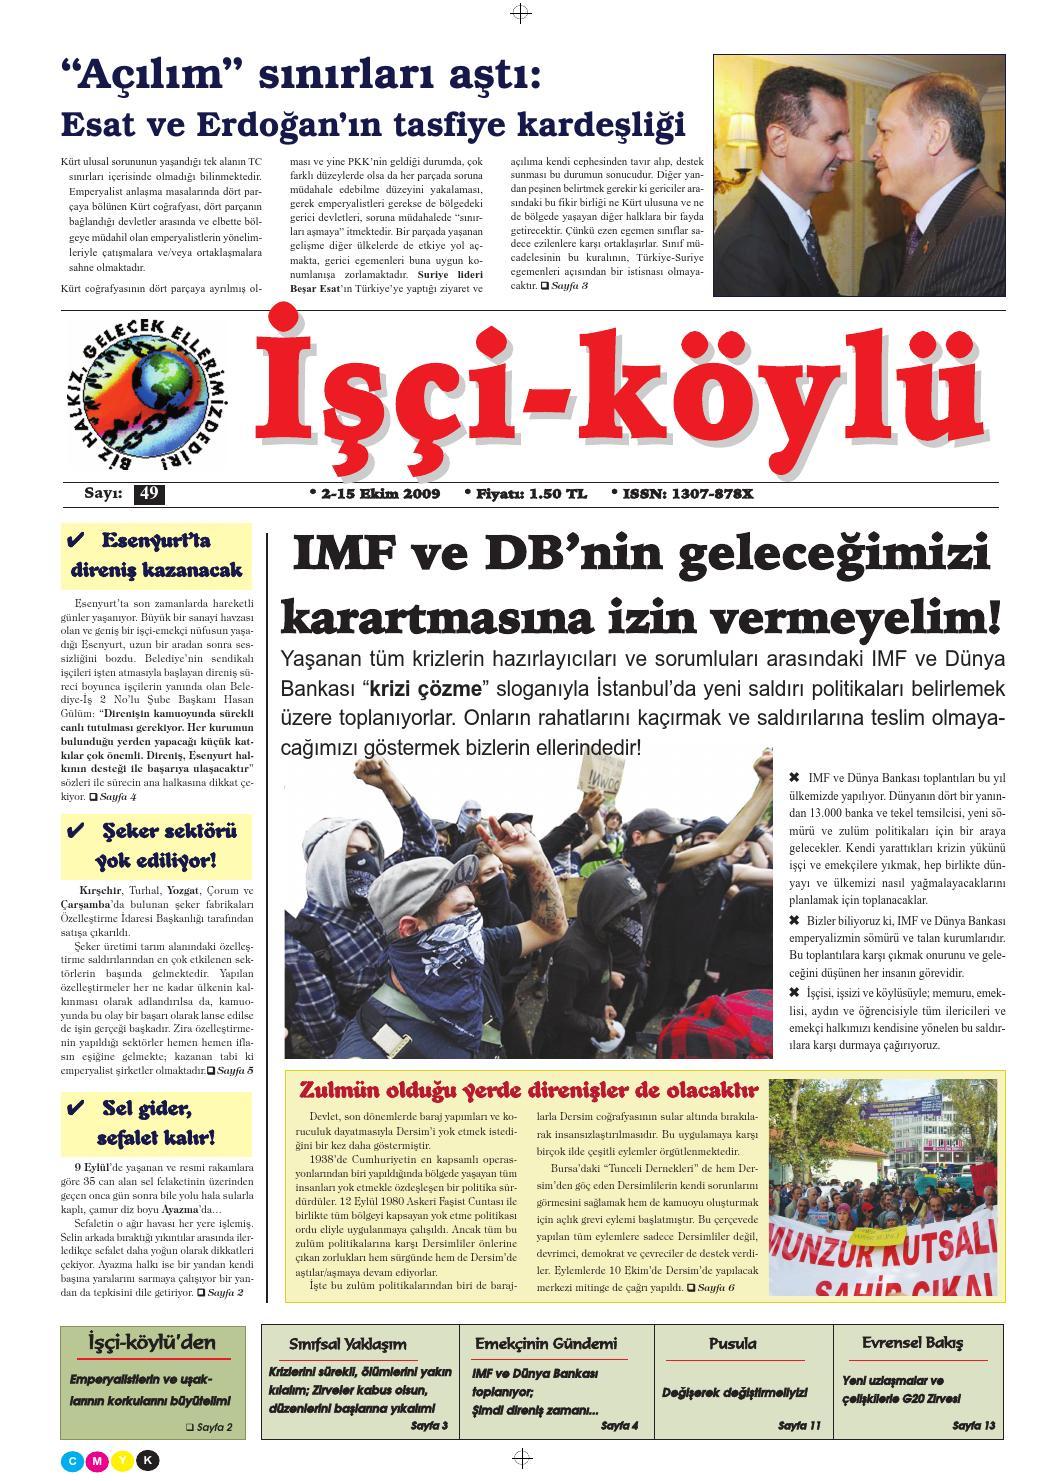 ABD Dışişleri Bakanı Rex Tillersonın Türkiyeye ziyareti, ABD ile Türkiye arasındaki siyasi krizi çözümüne katkıda bulunur mu 13